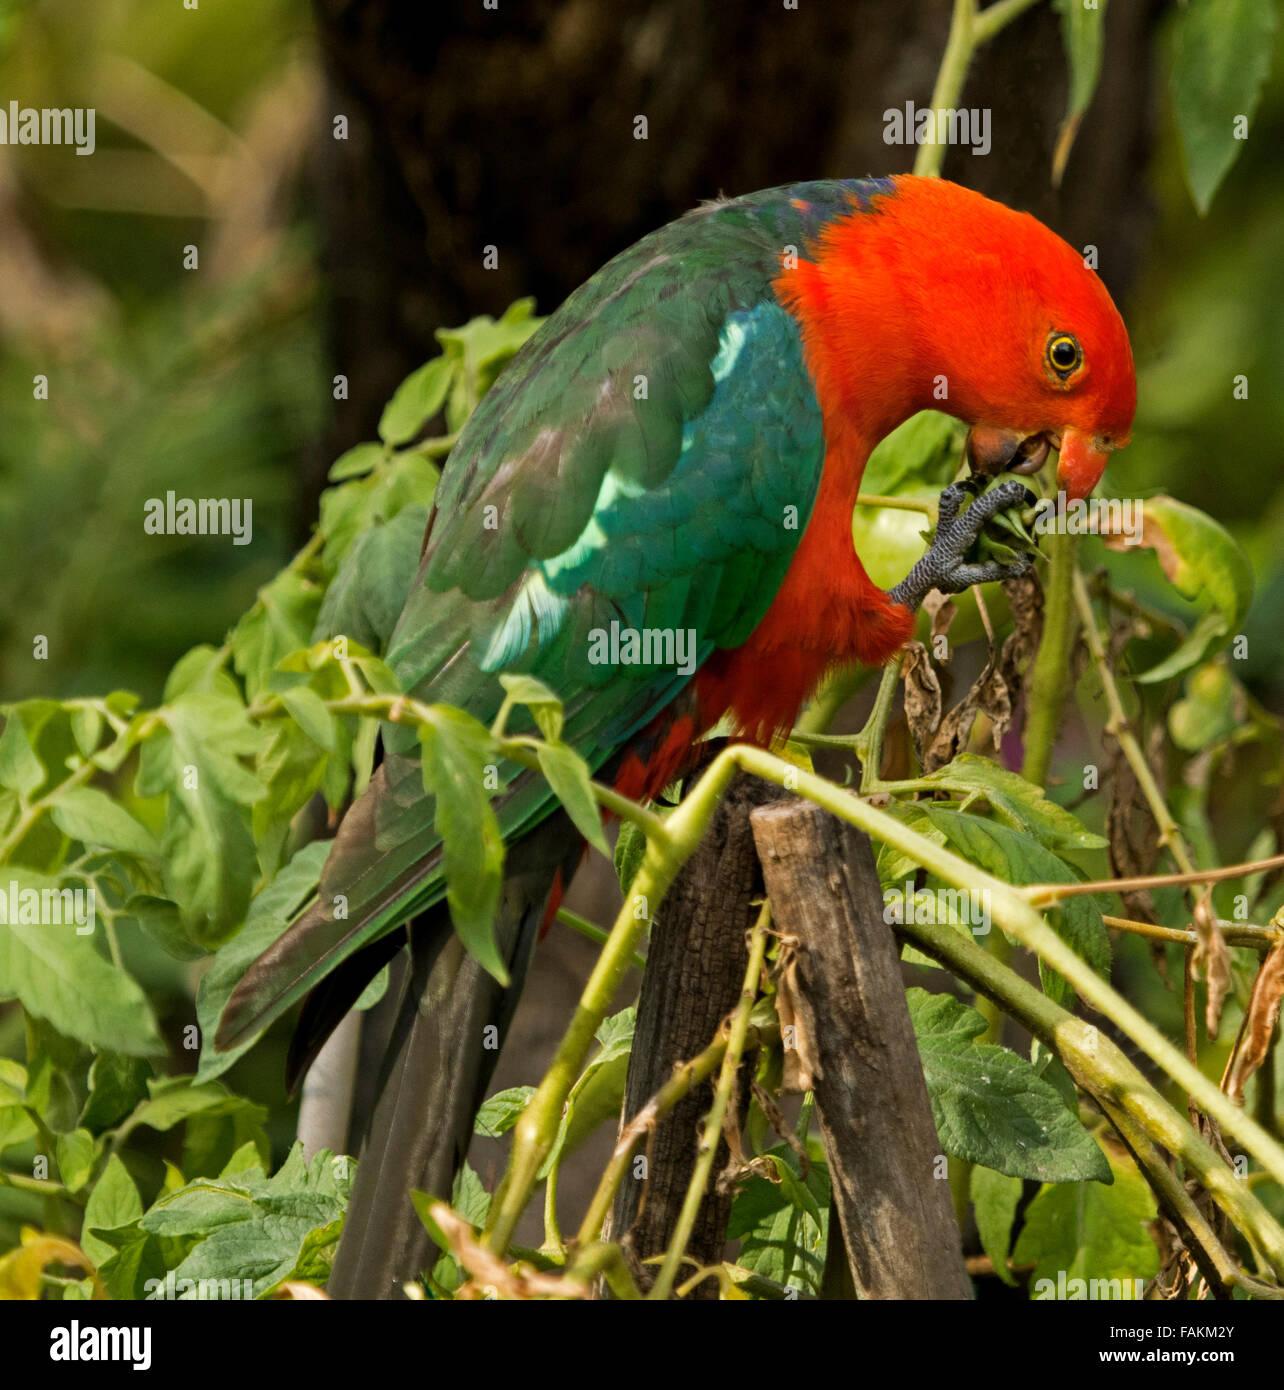 Spettacolare rosso vivace e verde re maschio pappagallo Alisterus scapularis mangiare pomodoro verde nel giardino Immagini Stock